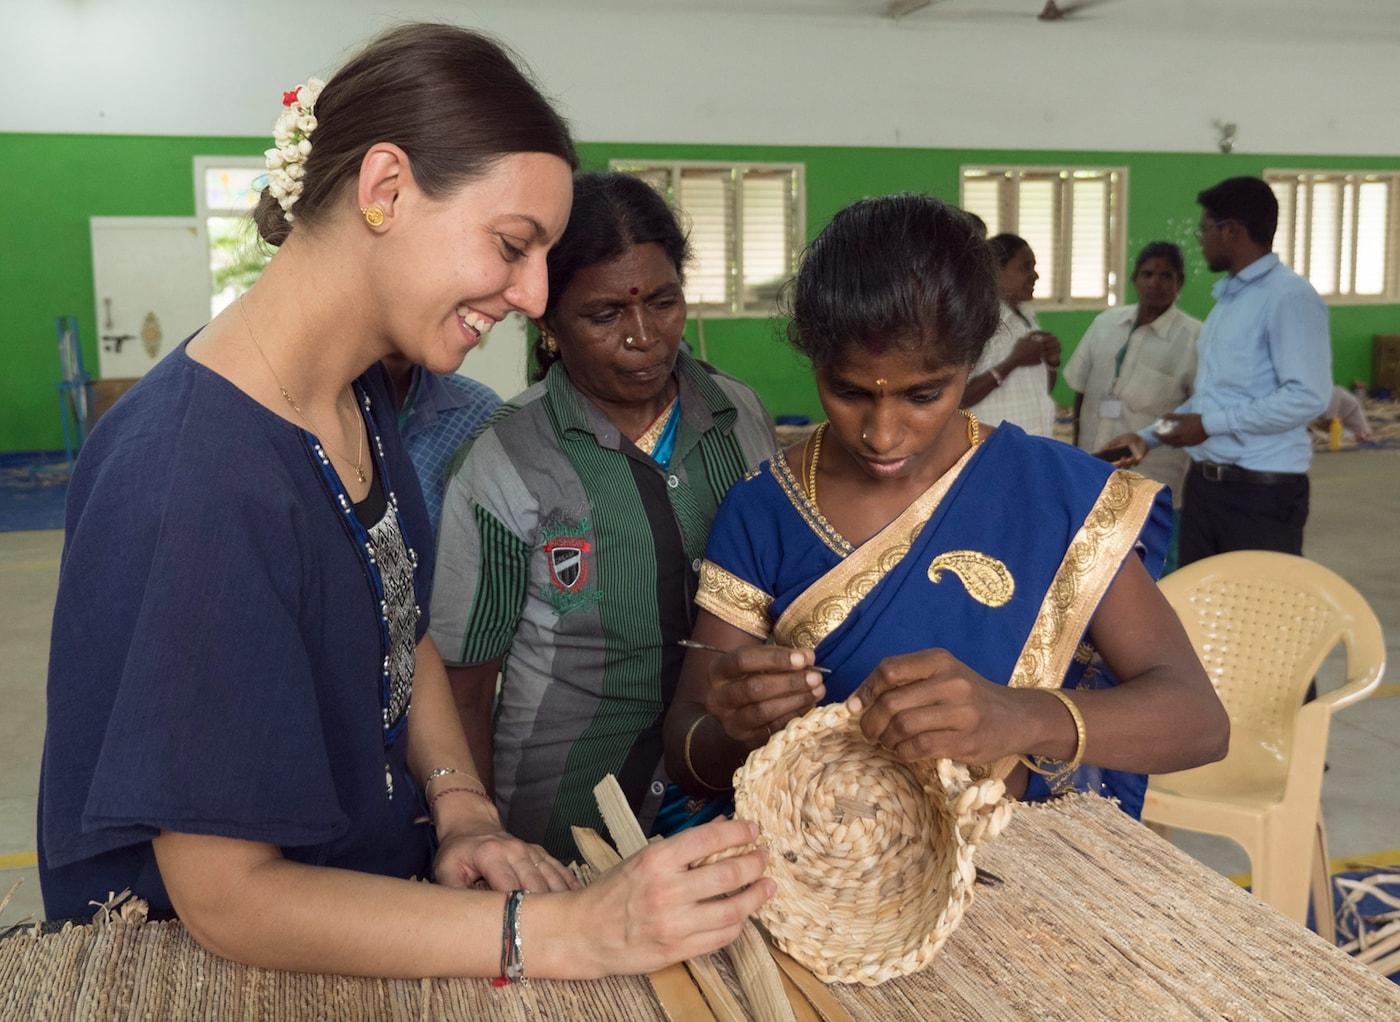 مصمم ايكيا مع الفنانين الحرفيين الهنود ينظرون معًا إلى سلة منسوجة يدويًاويتحدثون عن تقنية النسيج.